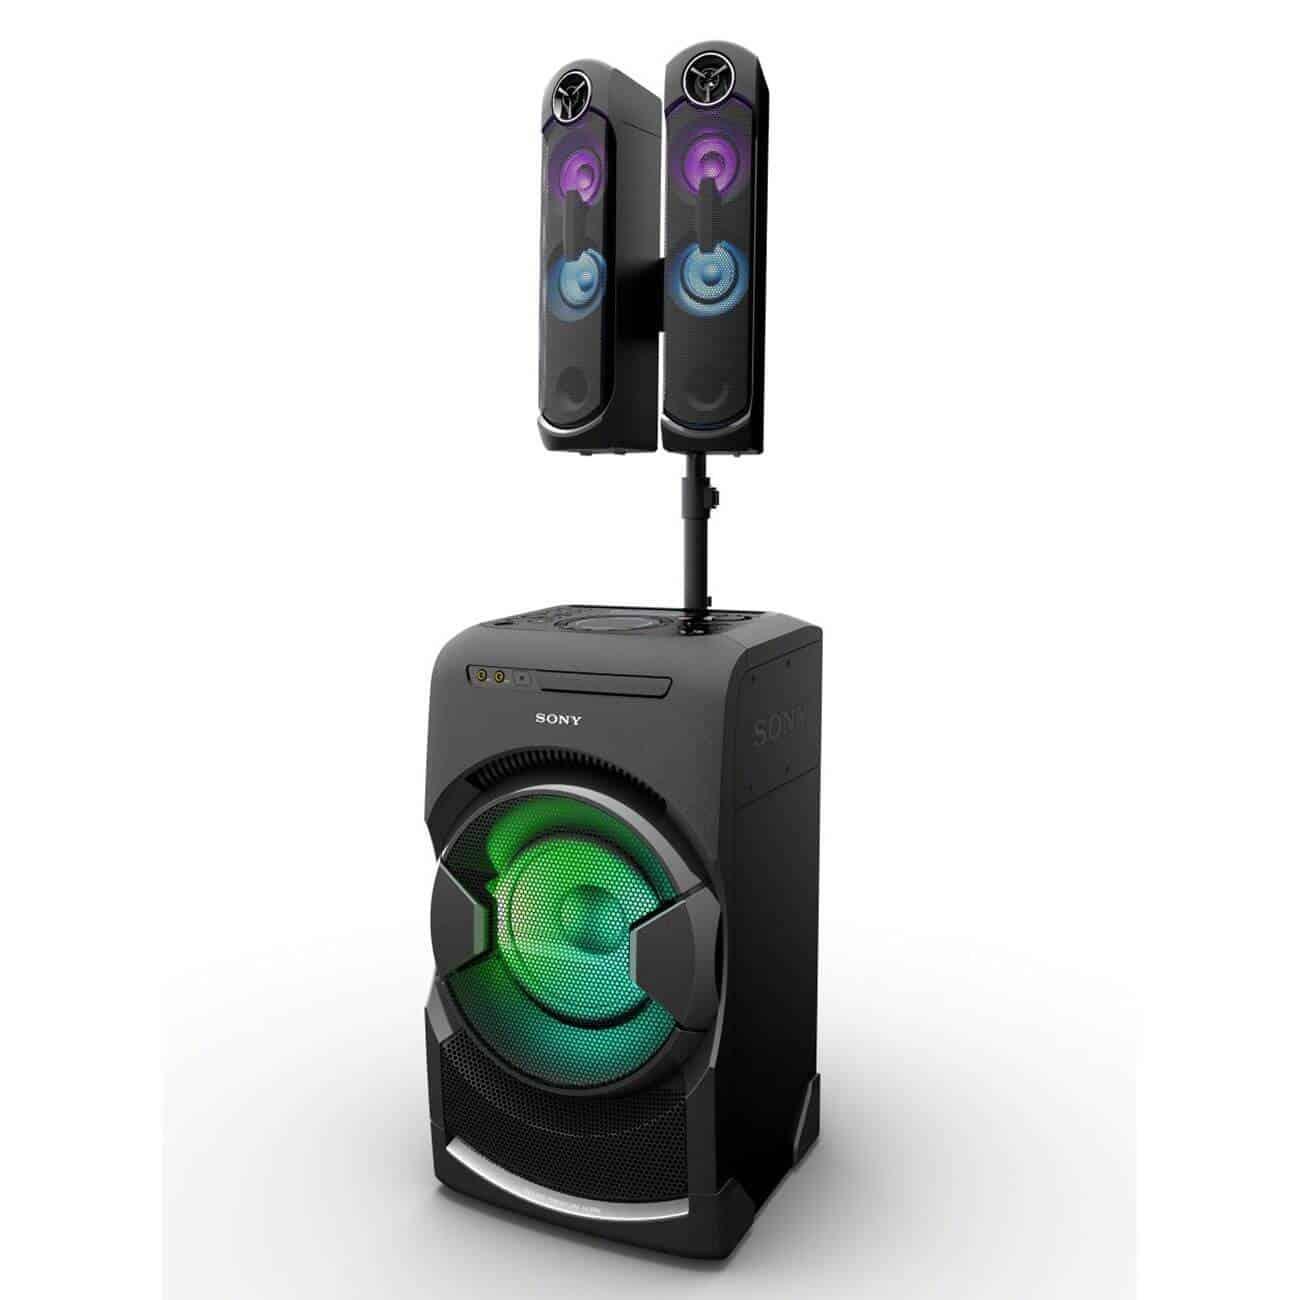 Sistem audio Sony MHCGT4D - putere si claritate